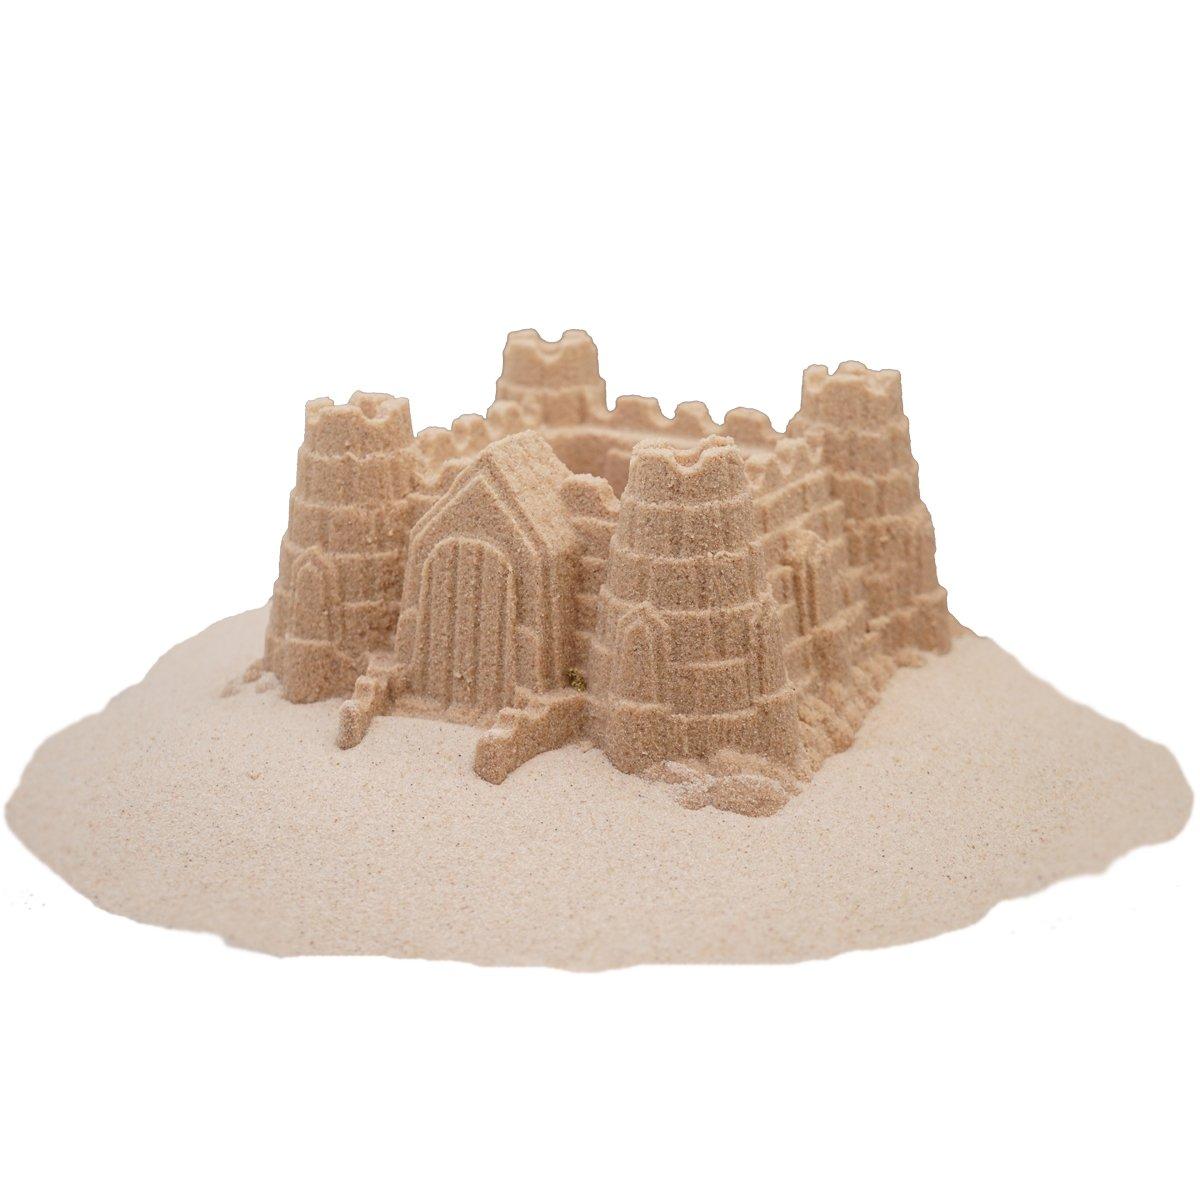 Jurassic Mojave Beige Play Sand - 50 Pound Sandbox Sand by Jurassic Sands